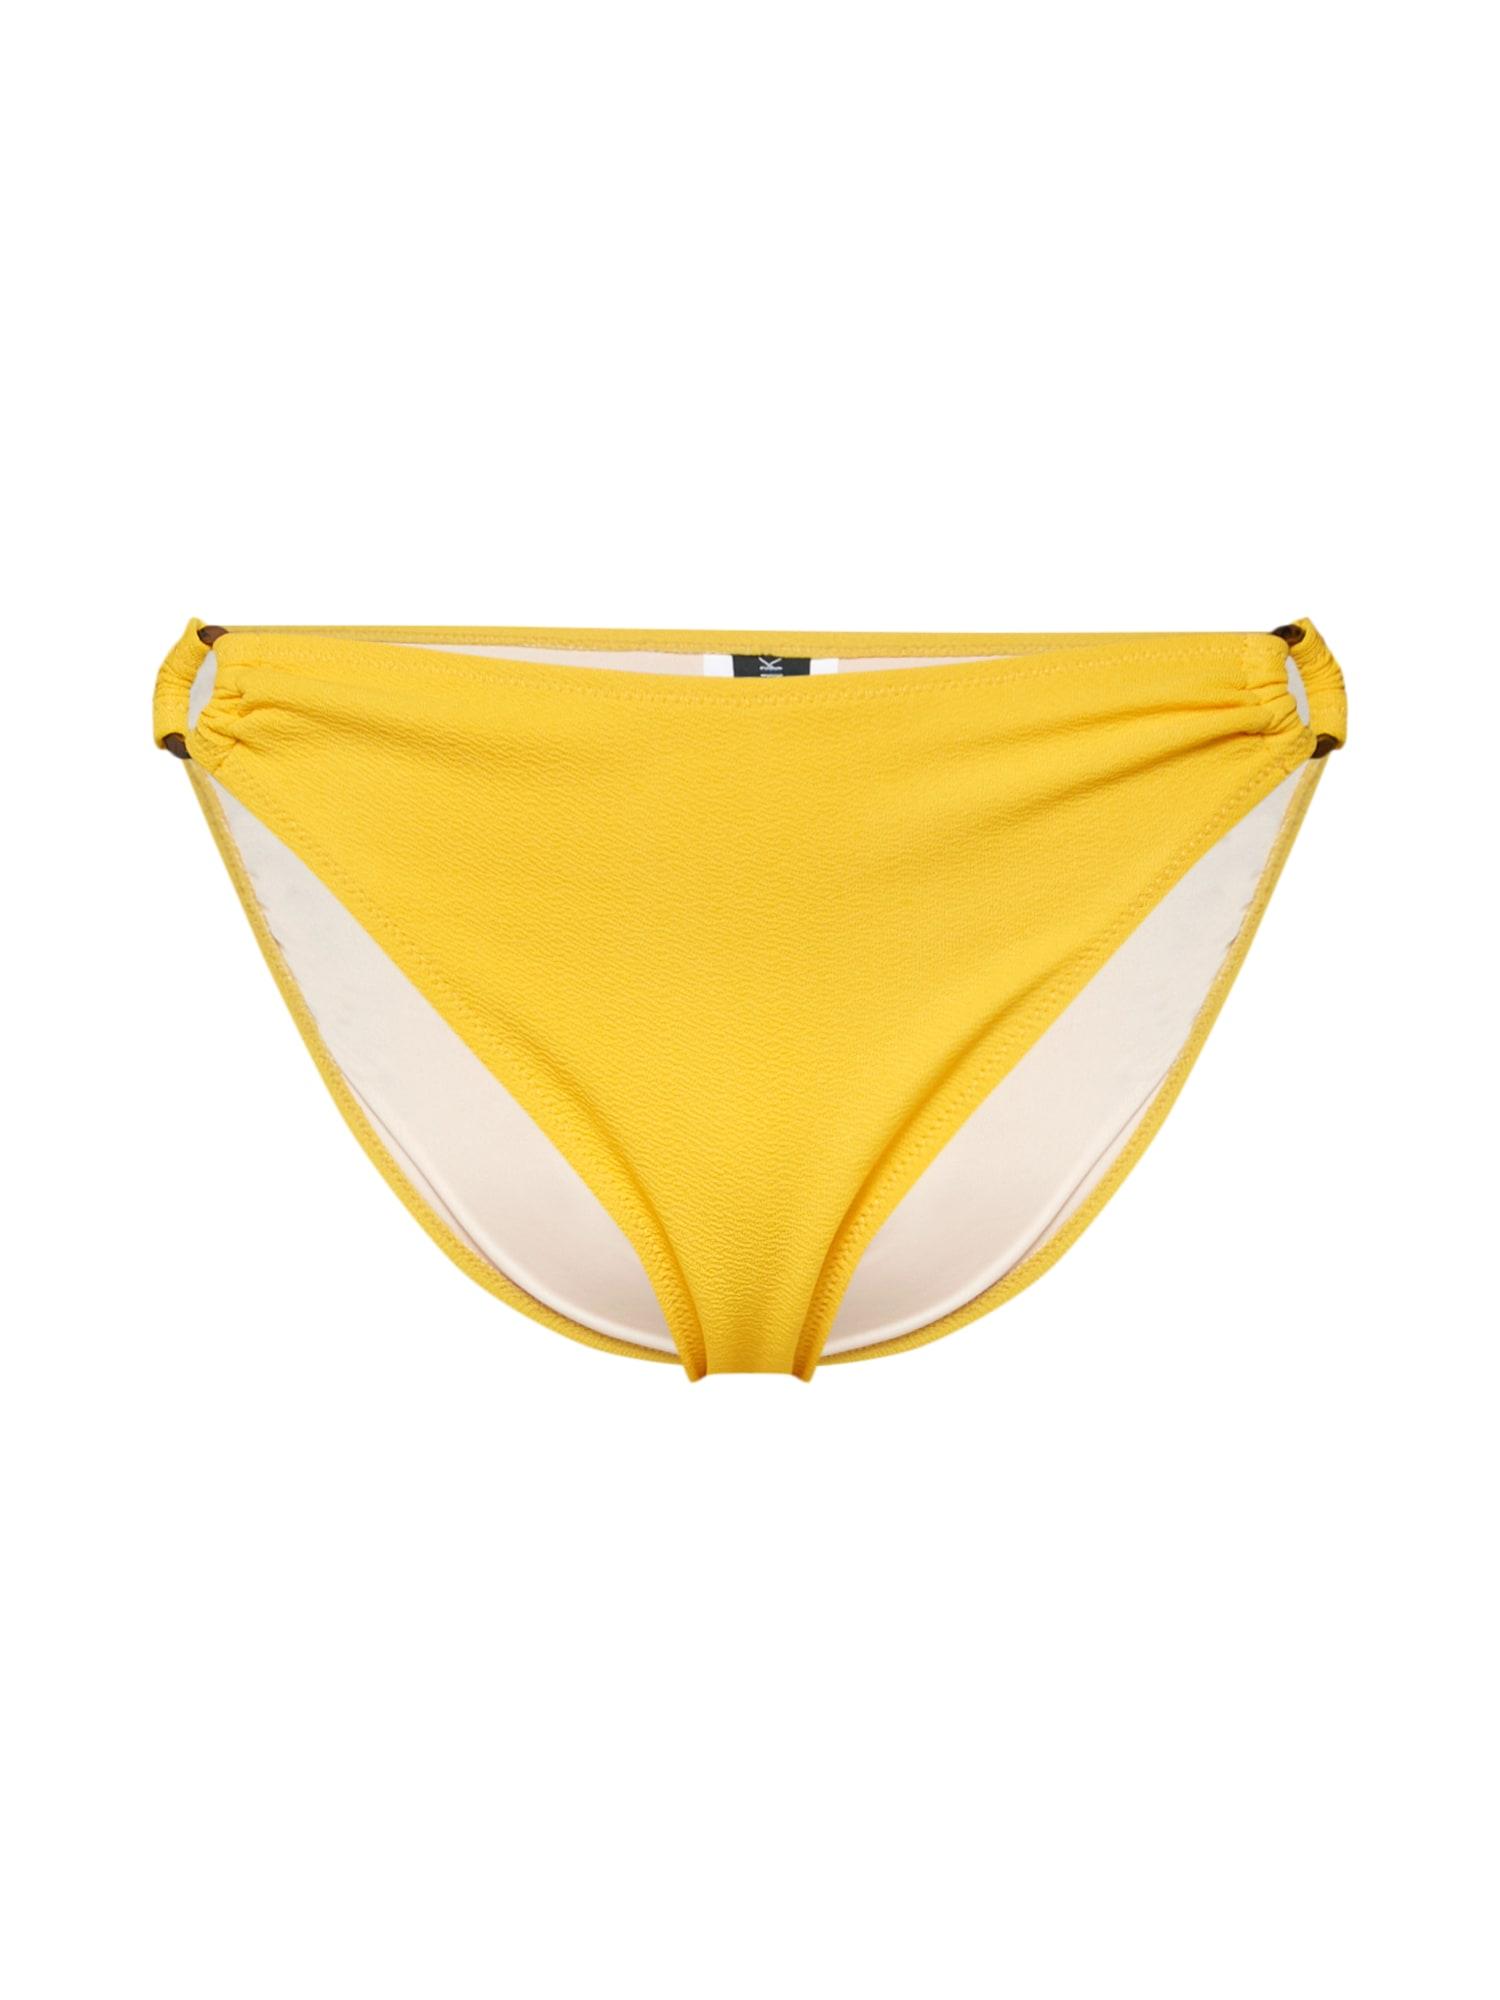 Spodní díl plavek LOREN RING BOTTOMS žlutá MINKPINK